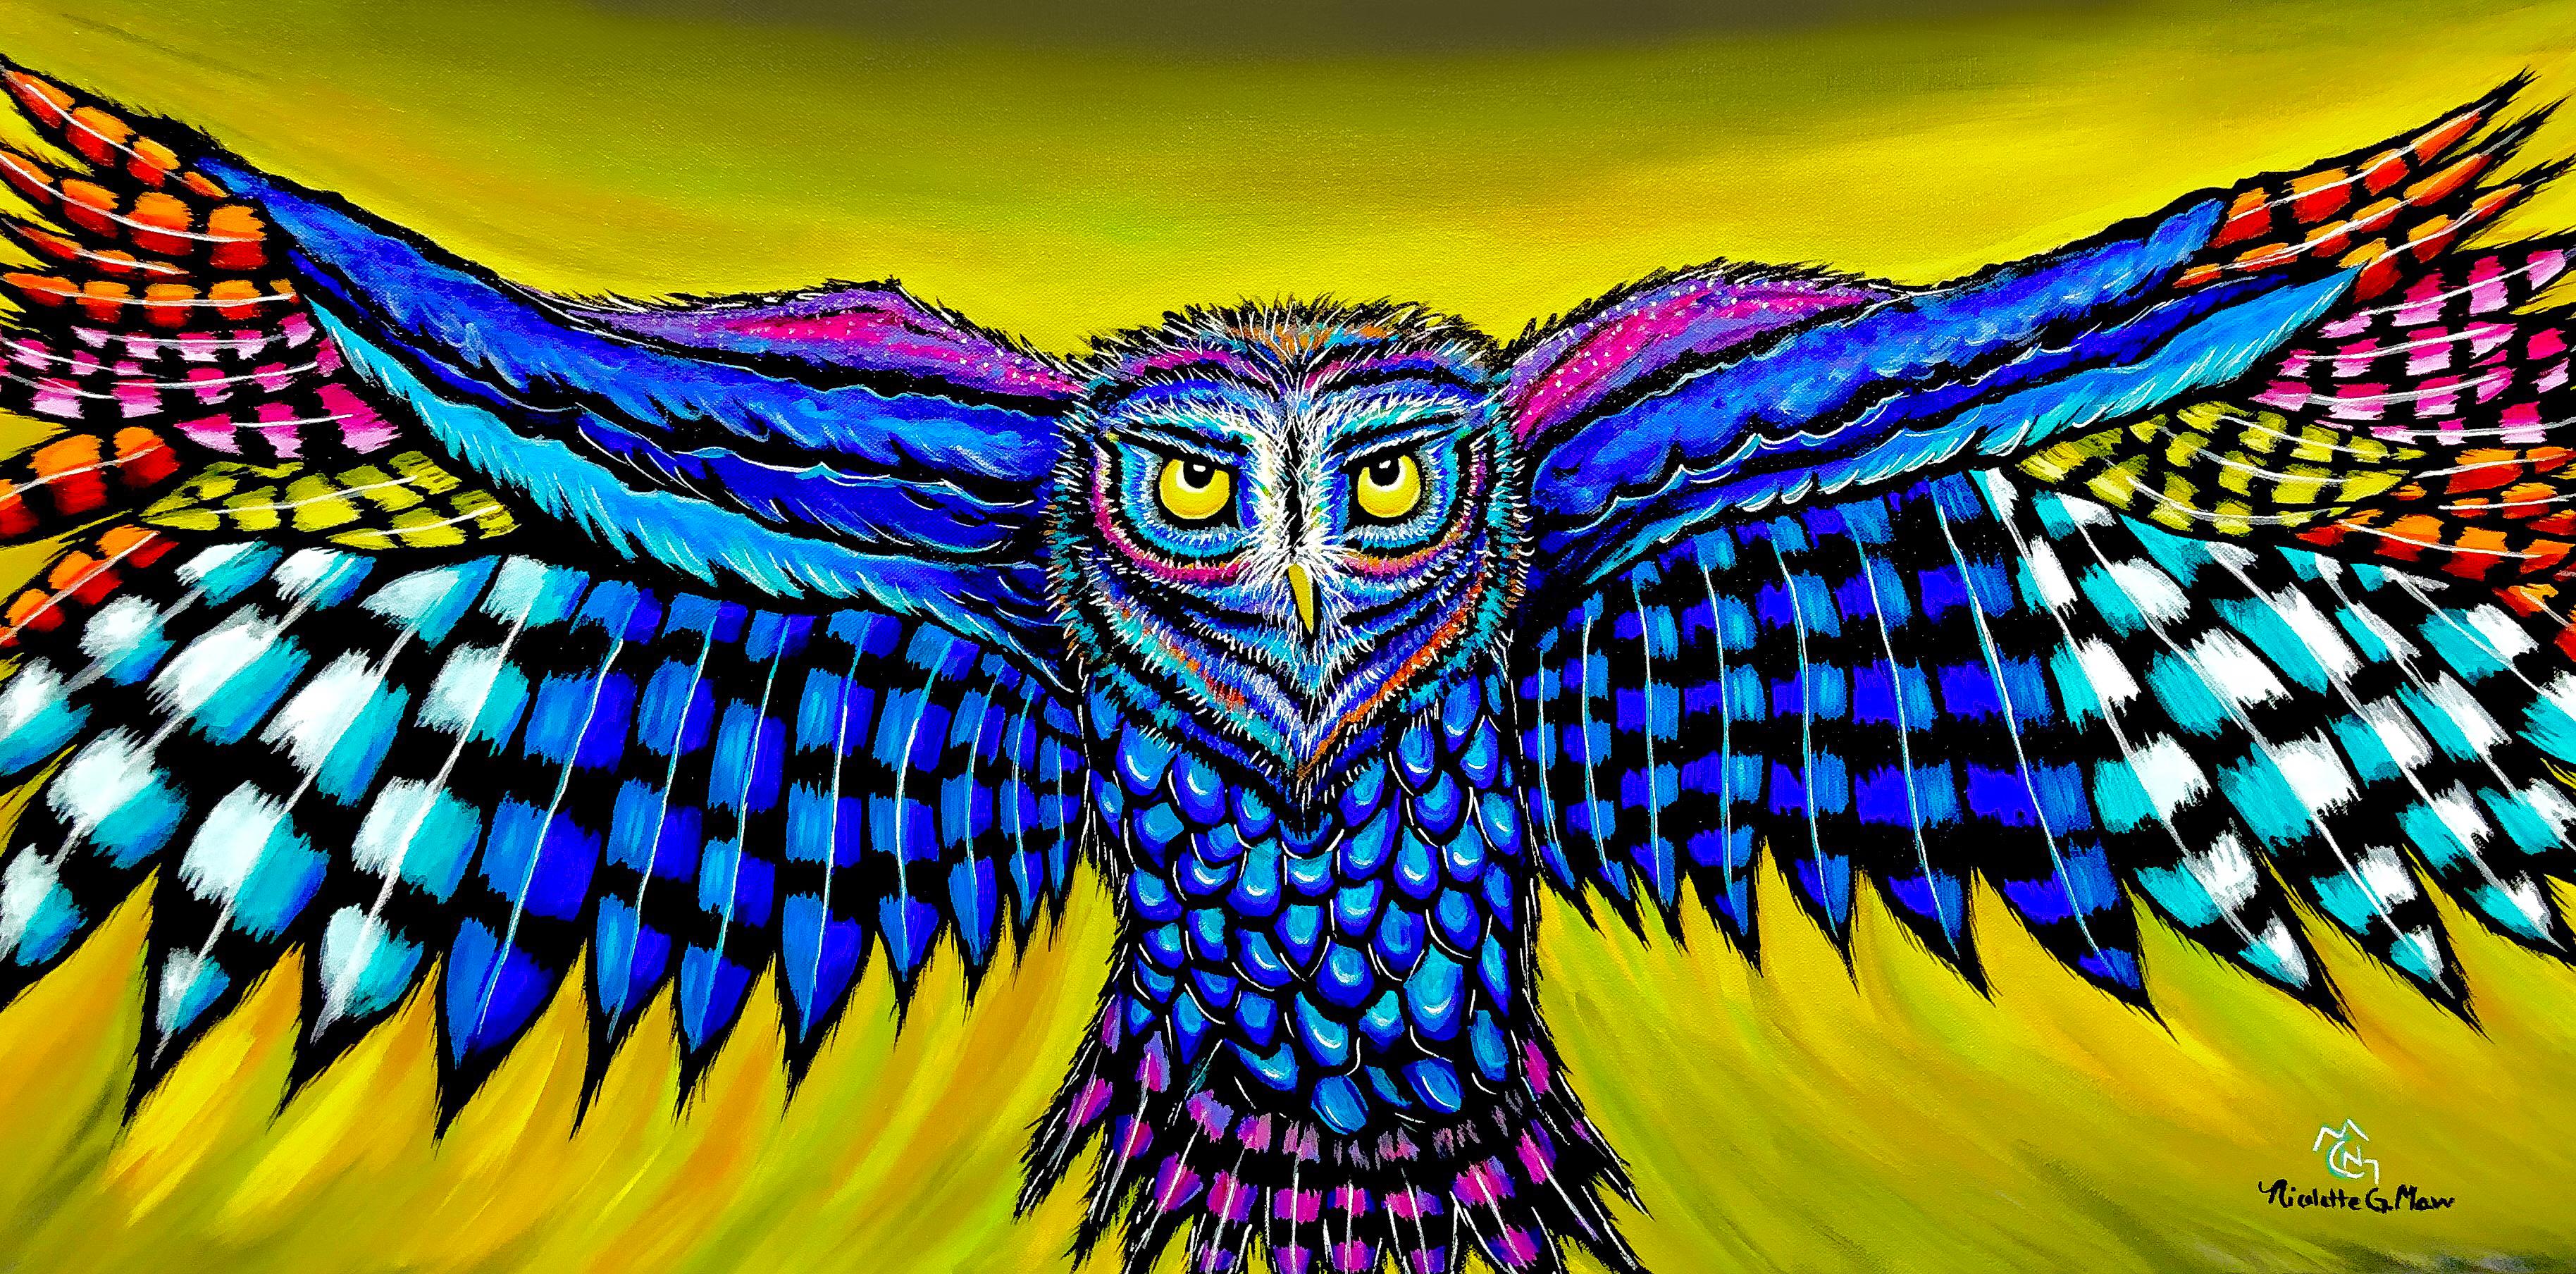 Owl Marley